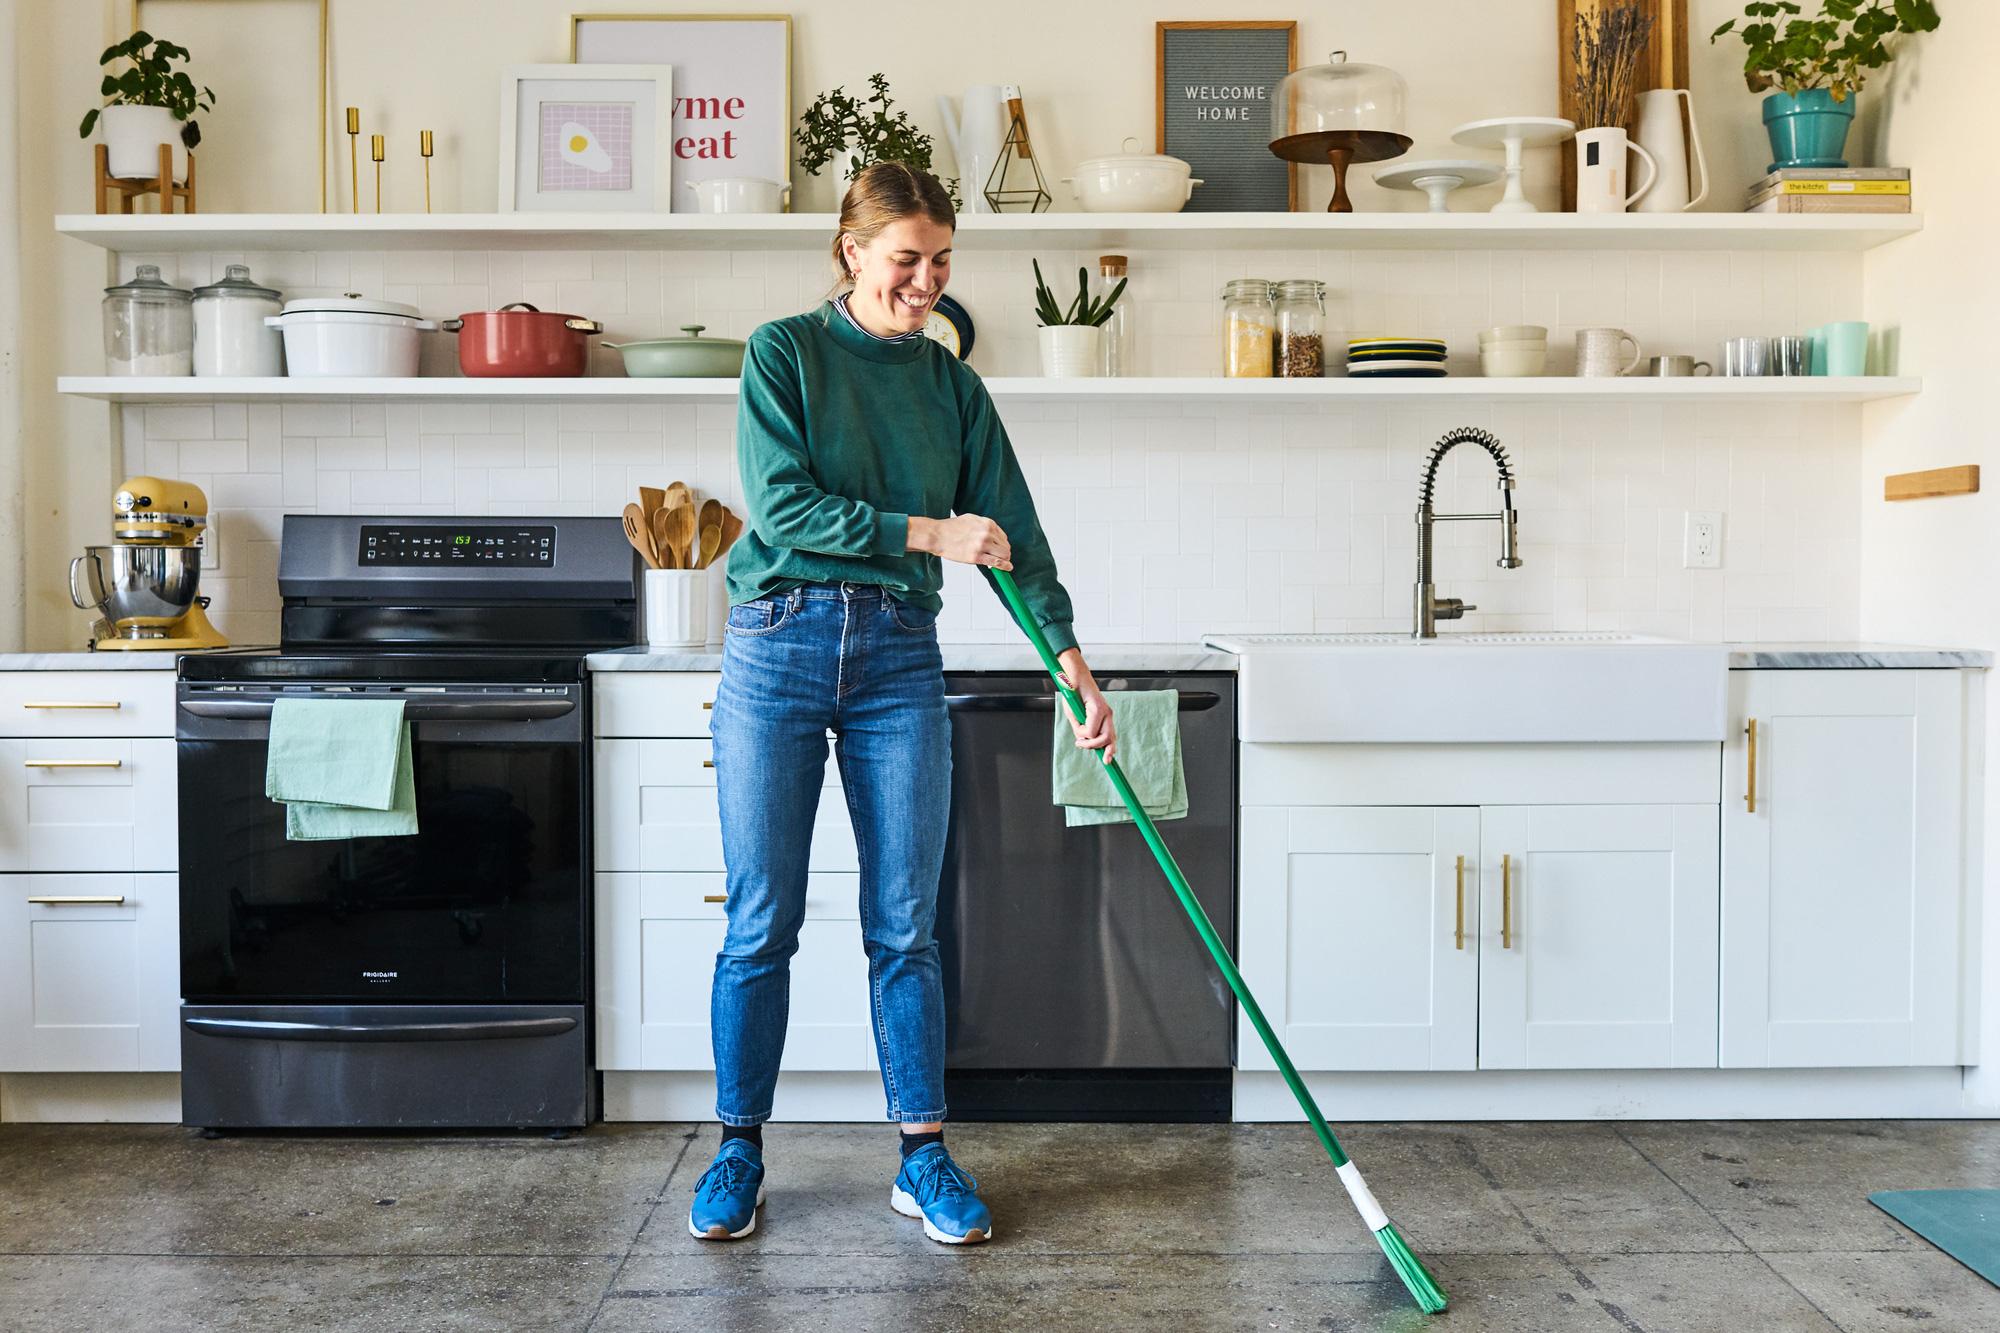 Bạn có thường xuyên lau sàn nhà bếp của mình không? - Ảnh 1.